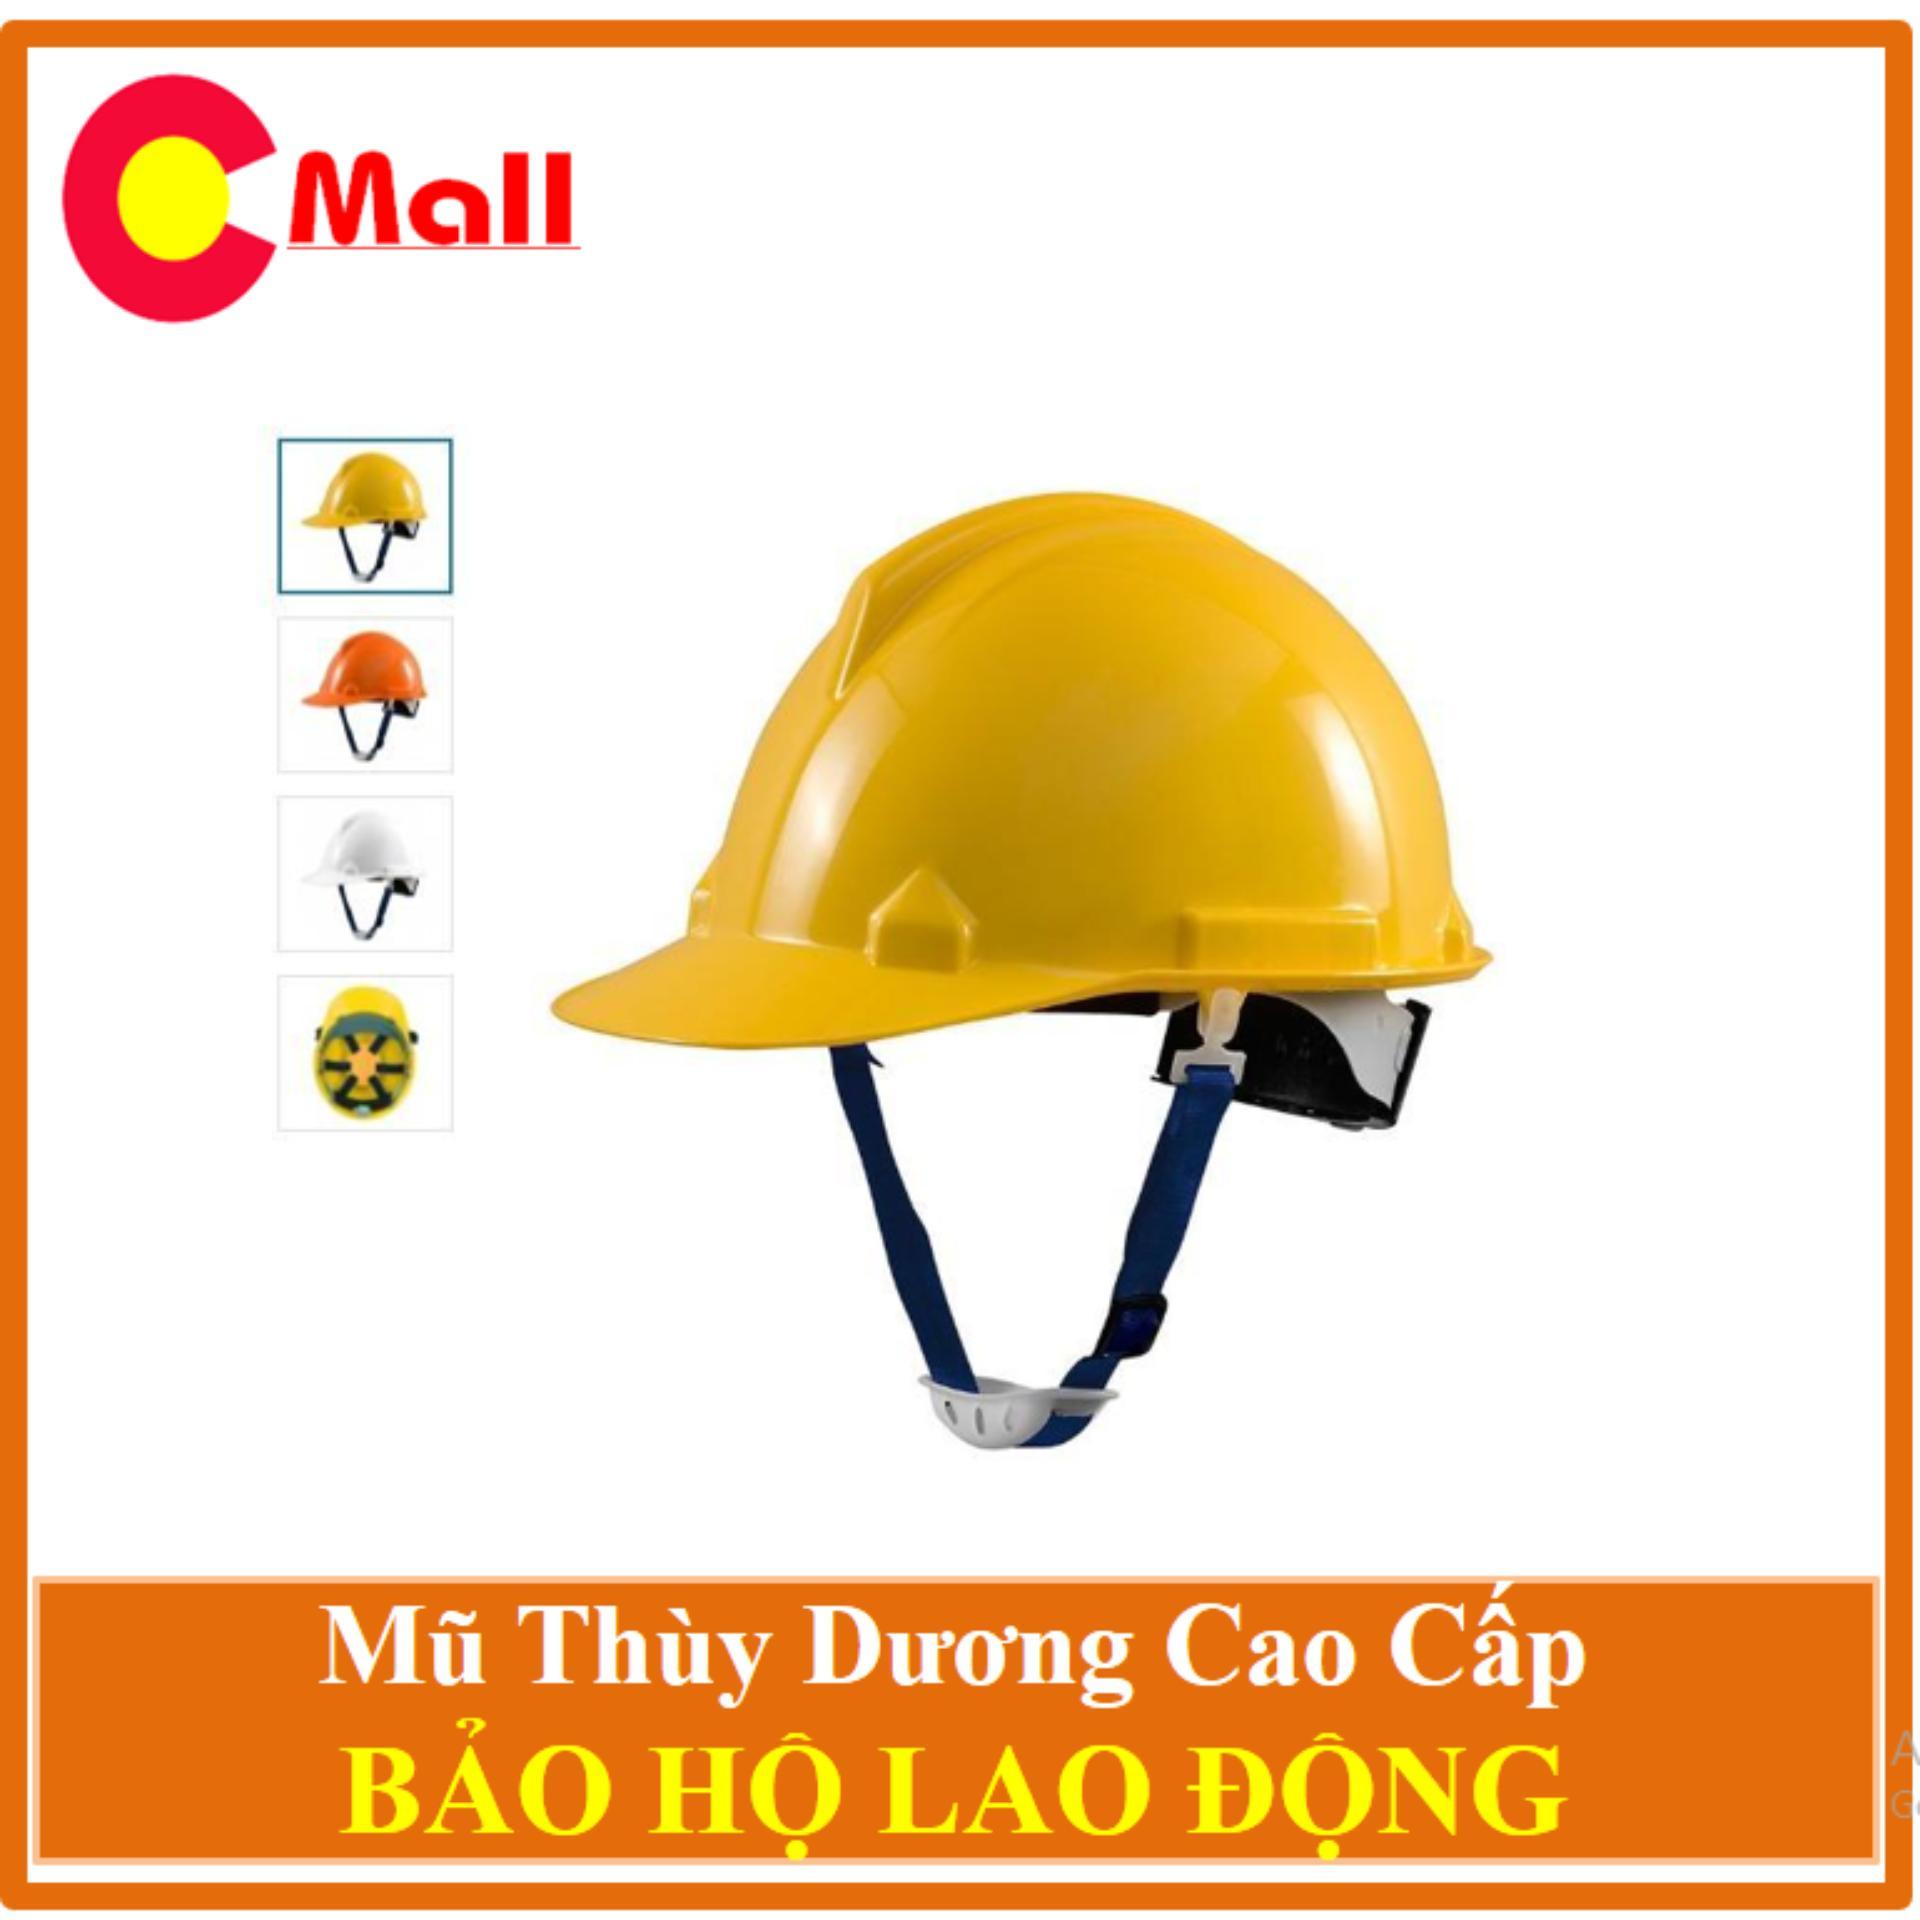 Mũ Bảo Hộ Thùy Dương Có Nút Vặn An Toàn - Tặng 02 Khẩu Trang 3M Cao Câp